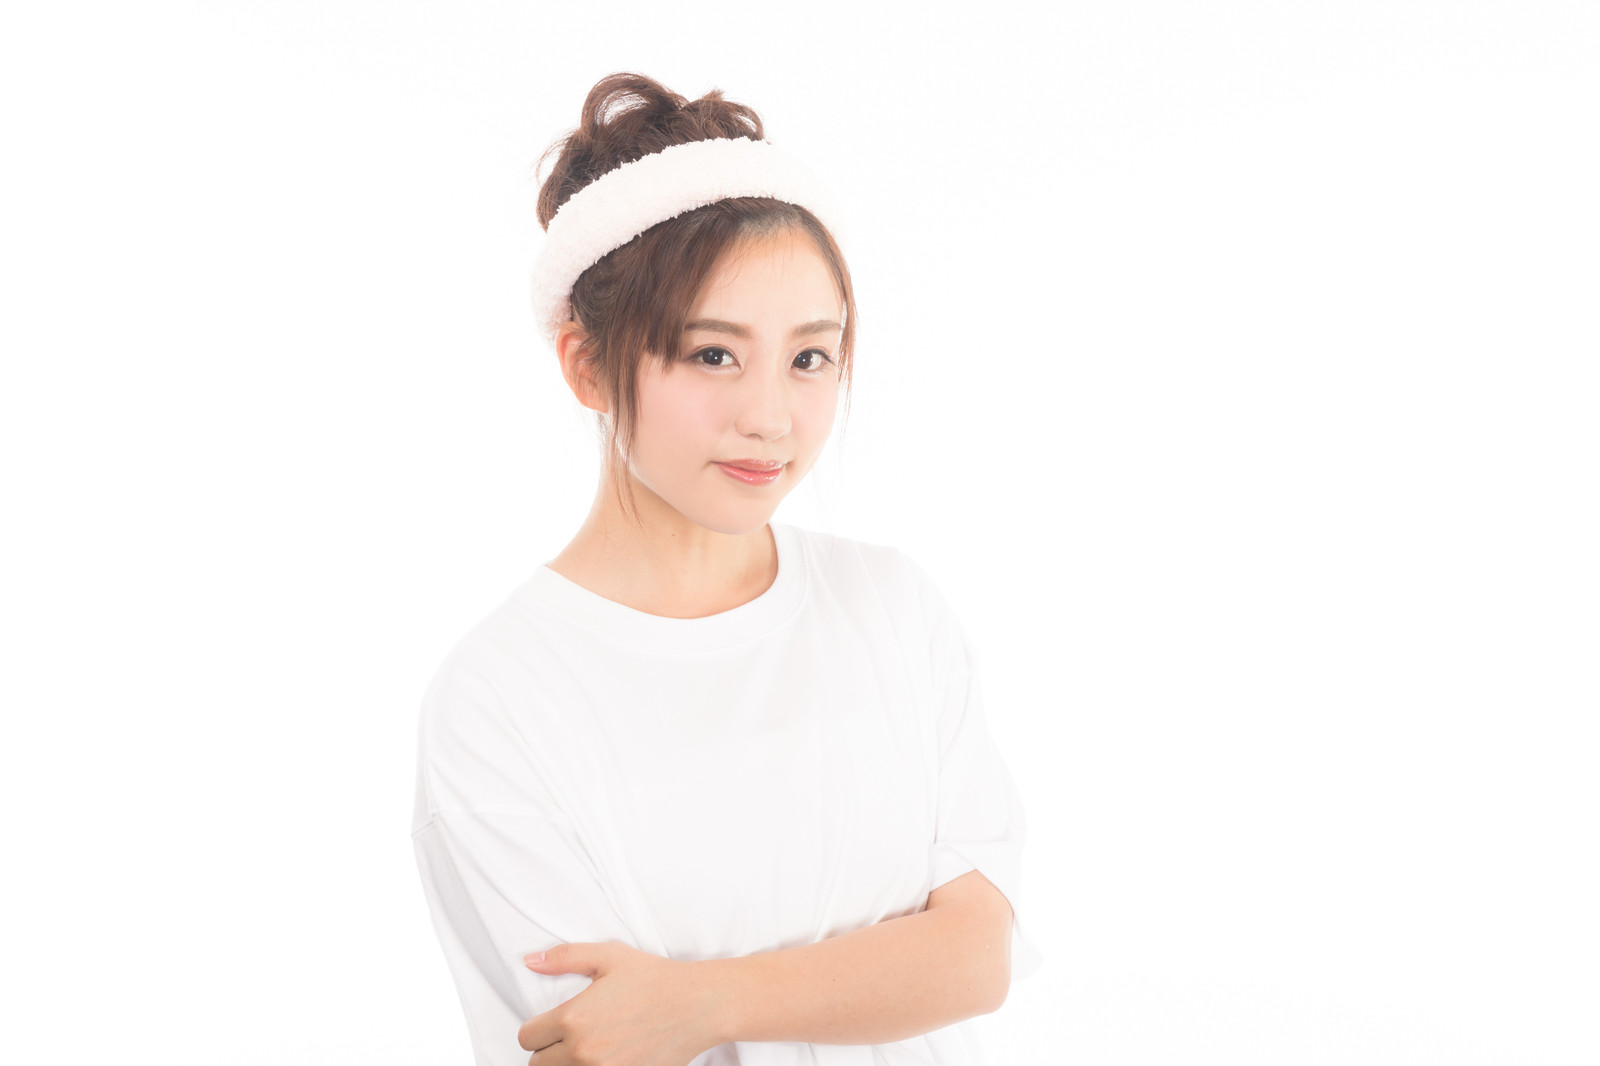 「クレンジング前の女性 | 写真の無料素材・フリー素材 - ぱくたそ」の写真[モデル:河村友歌]